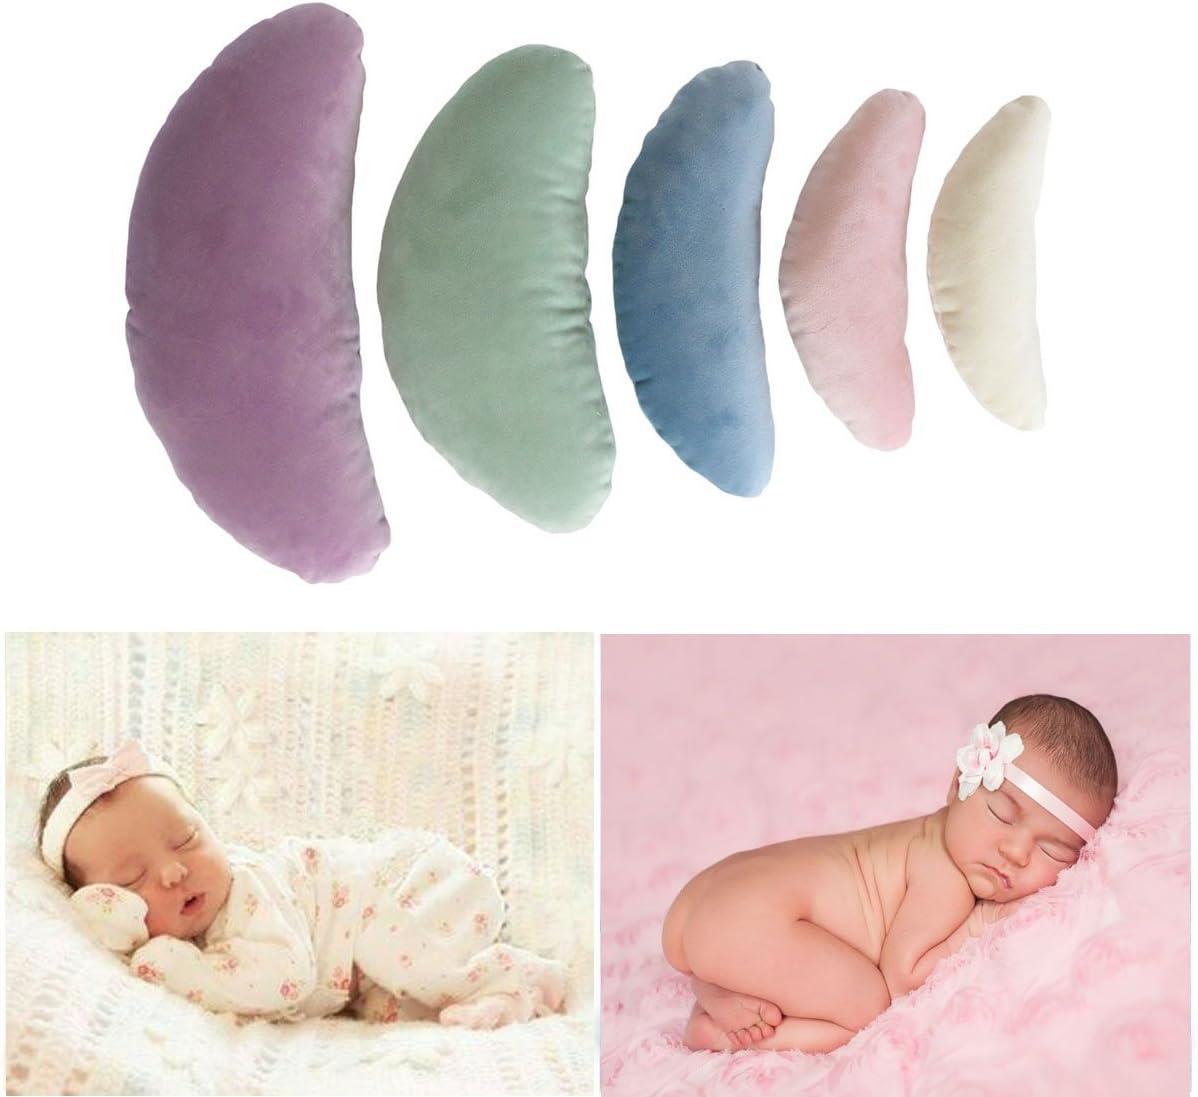 Tee-Moo 5 piezas de accesorios para fotografía de bebé recién nacido, posando media luna posando almohada relleno de seda accesorios Multicolor